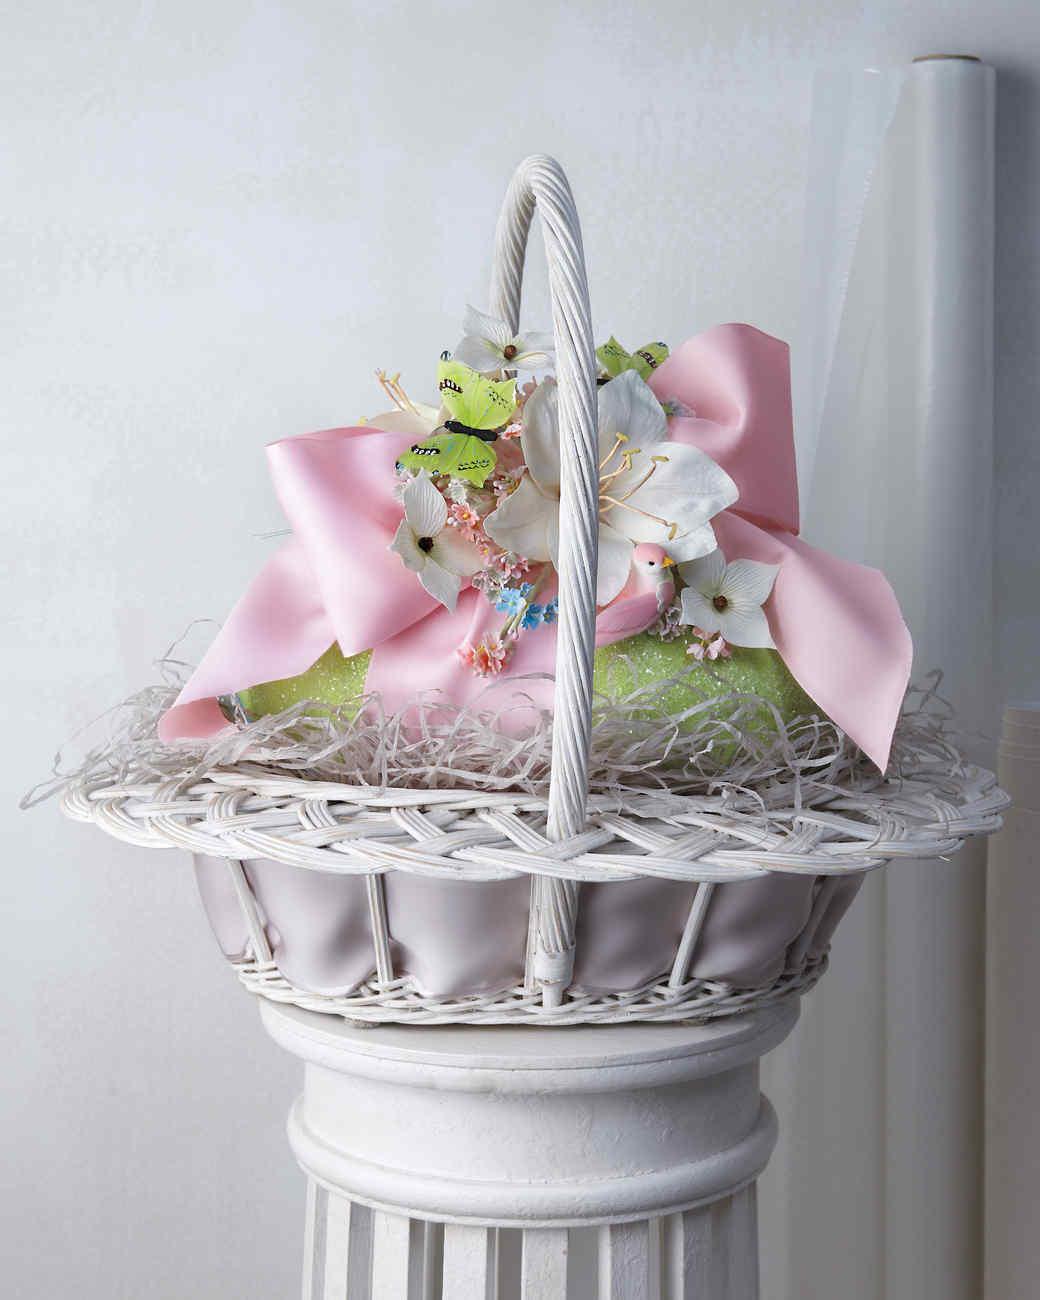 easter-basket-green-egg-022-mld109766.jpg